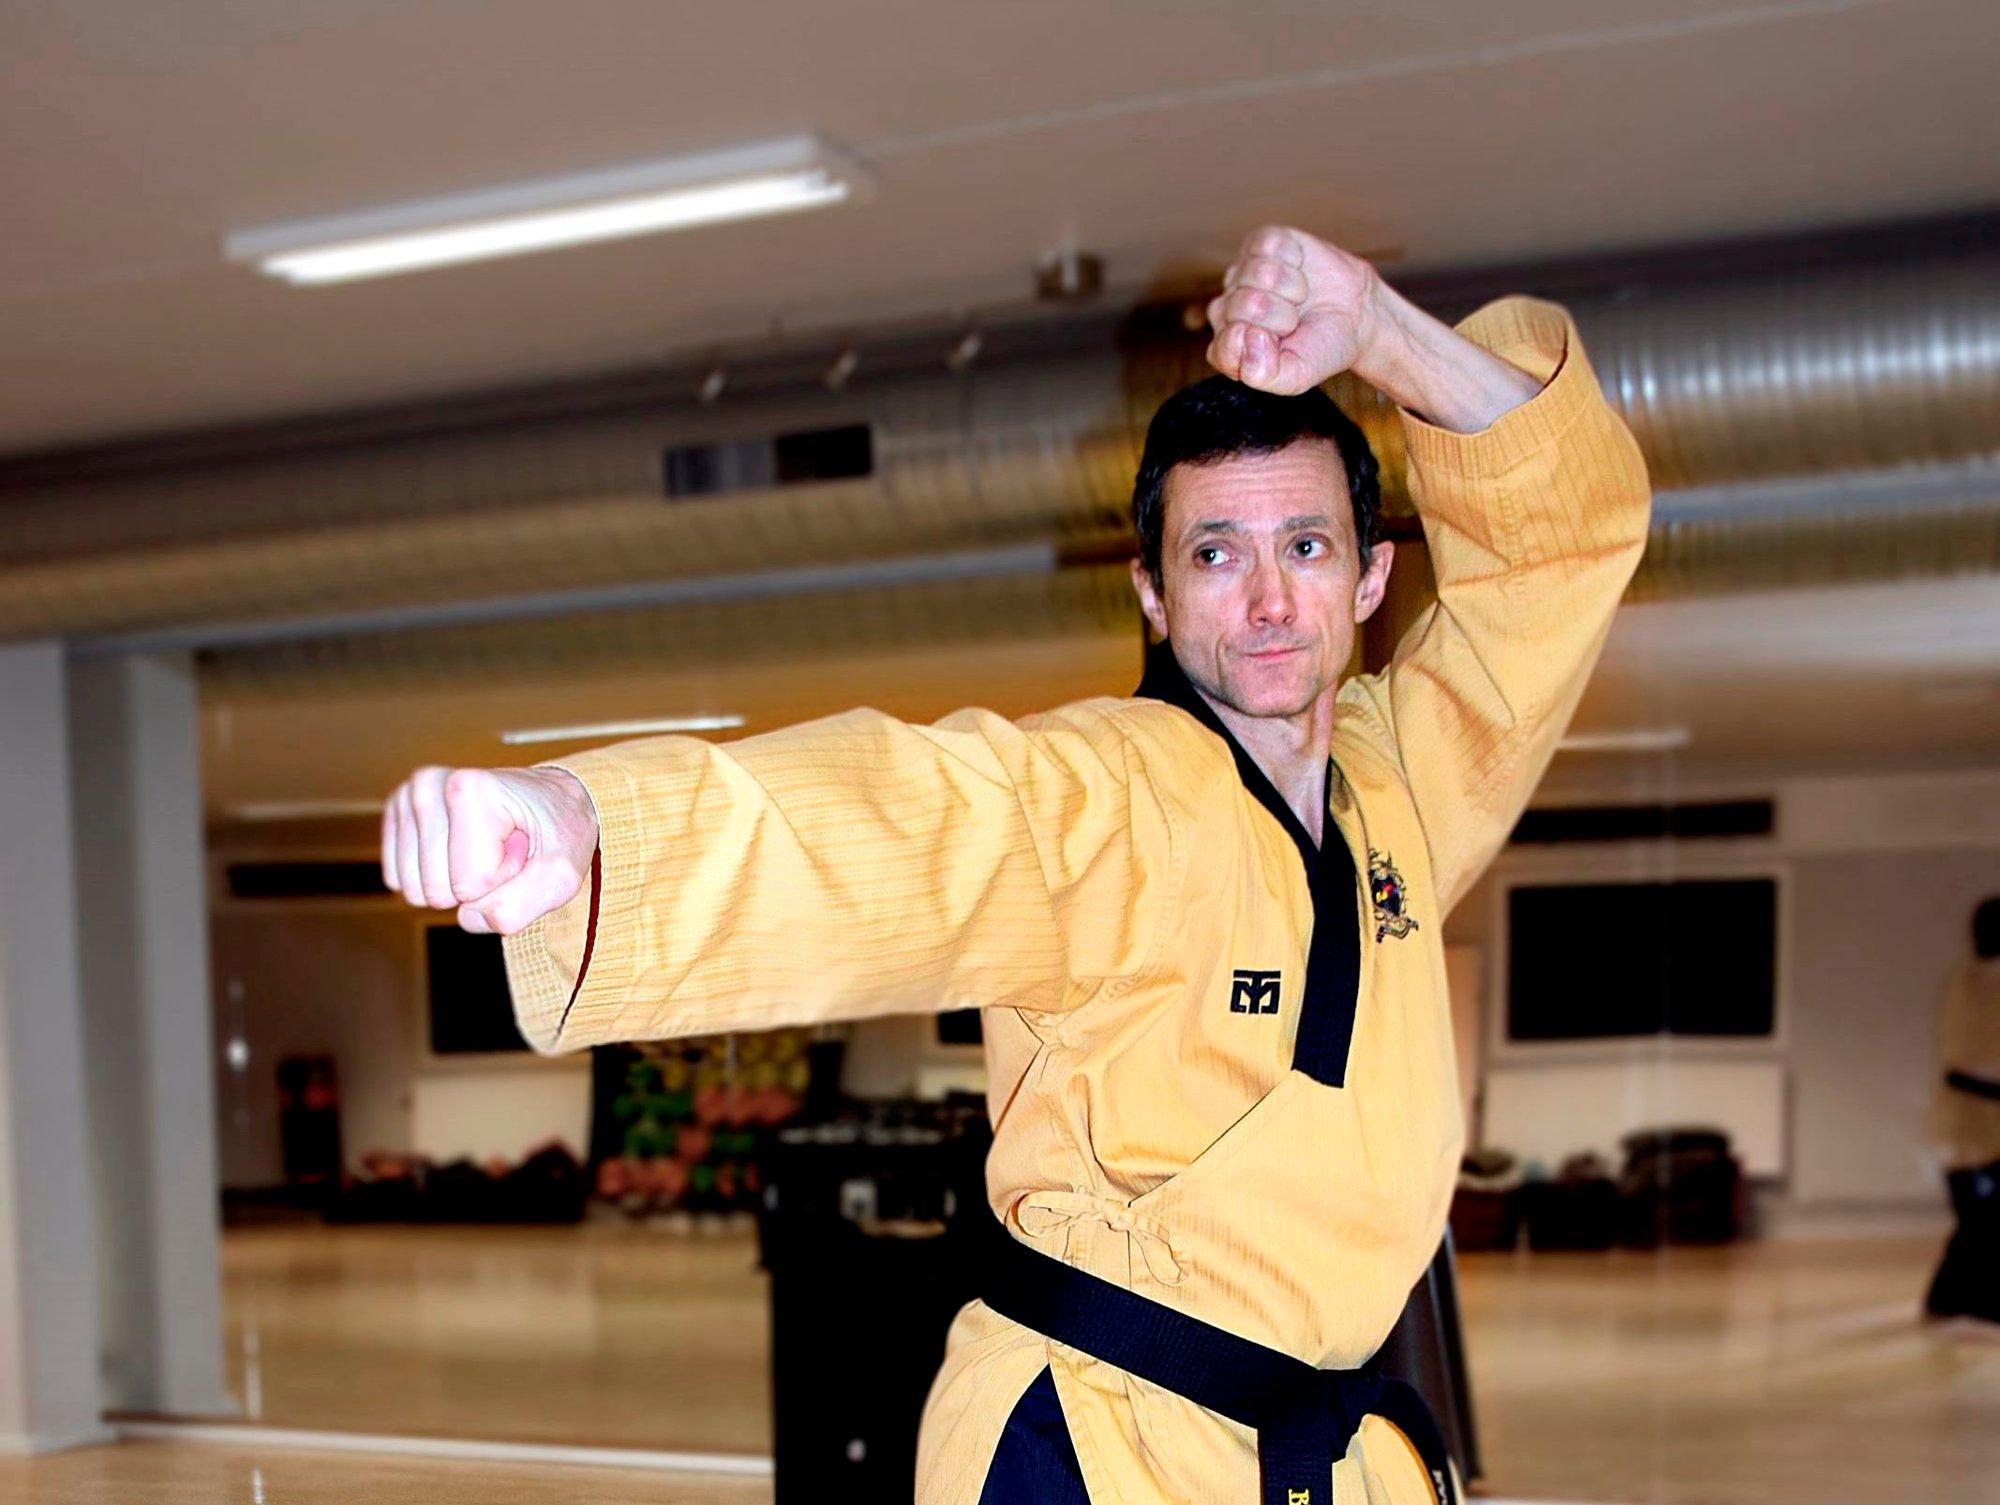 Mange som ikke funker andre steder, funker som en drøm på taekwondo-trening med Ragnar Furuli